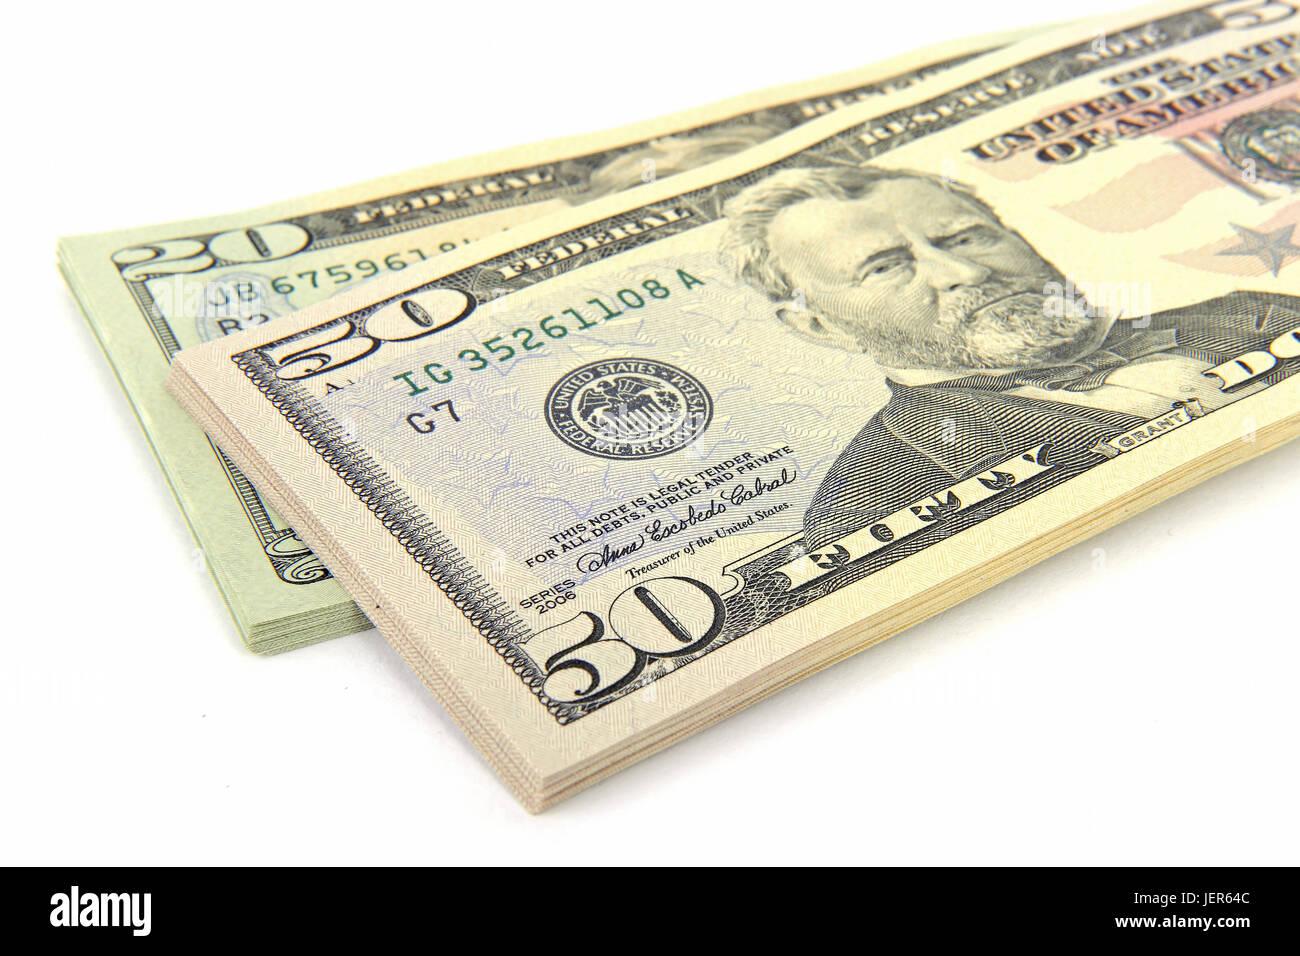 a pile 50 and 20 dollar notes, ein Stapel 50 und 20 Dollarscheine - Stock Image